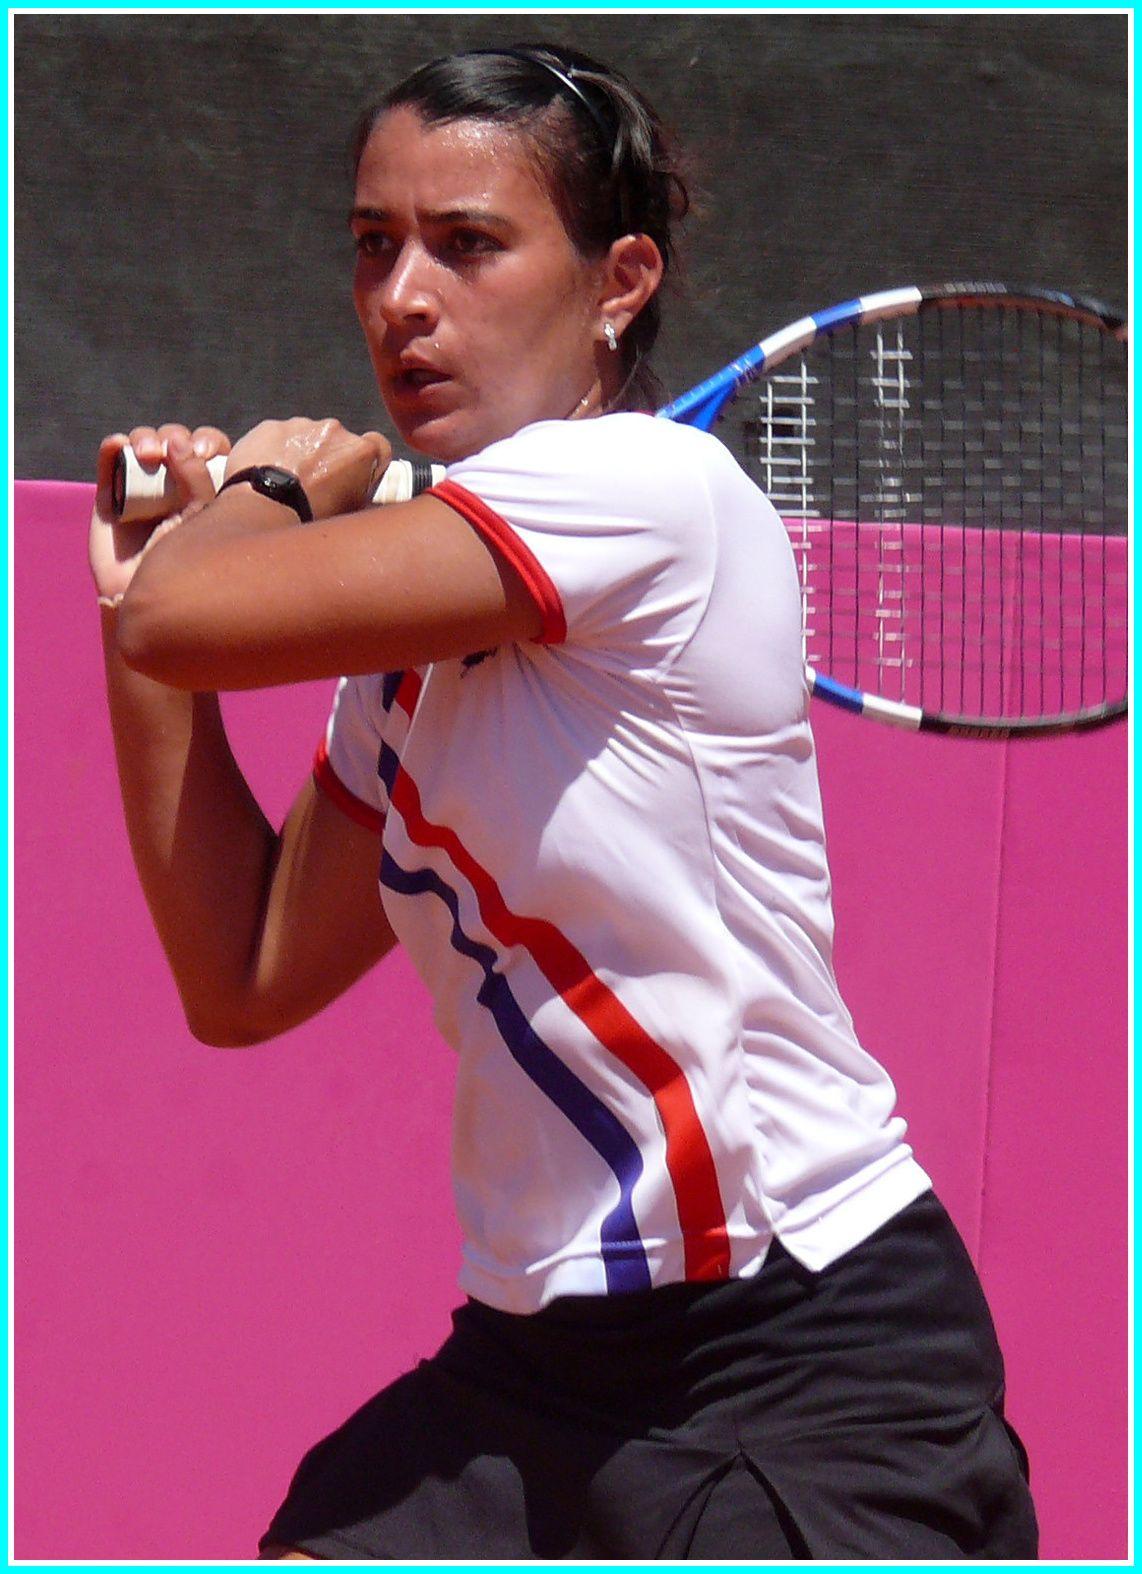 Veronica Cepede una figura creciente del tenis paraguayo